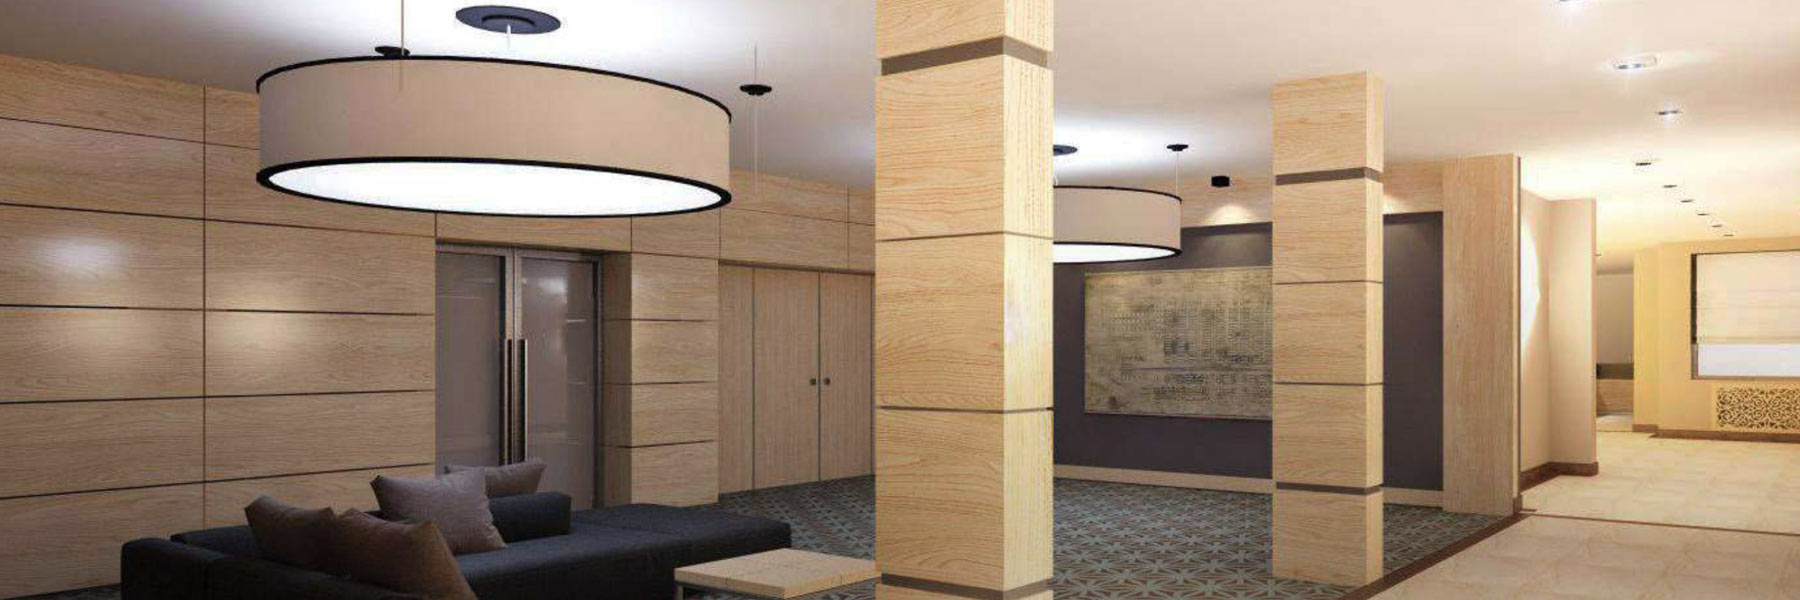 weltweite referenzen hotels b ros firmen und institutionen iris licht gmbh. Black Bedroom Furniture Sets. Home Design Ideas